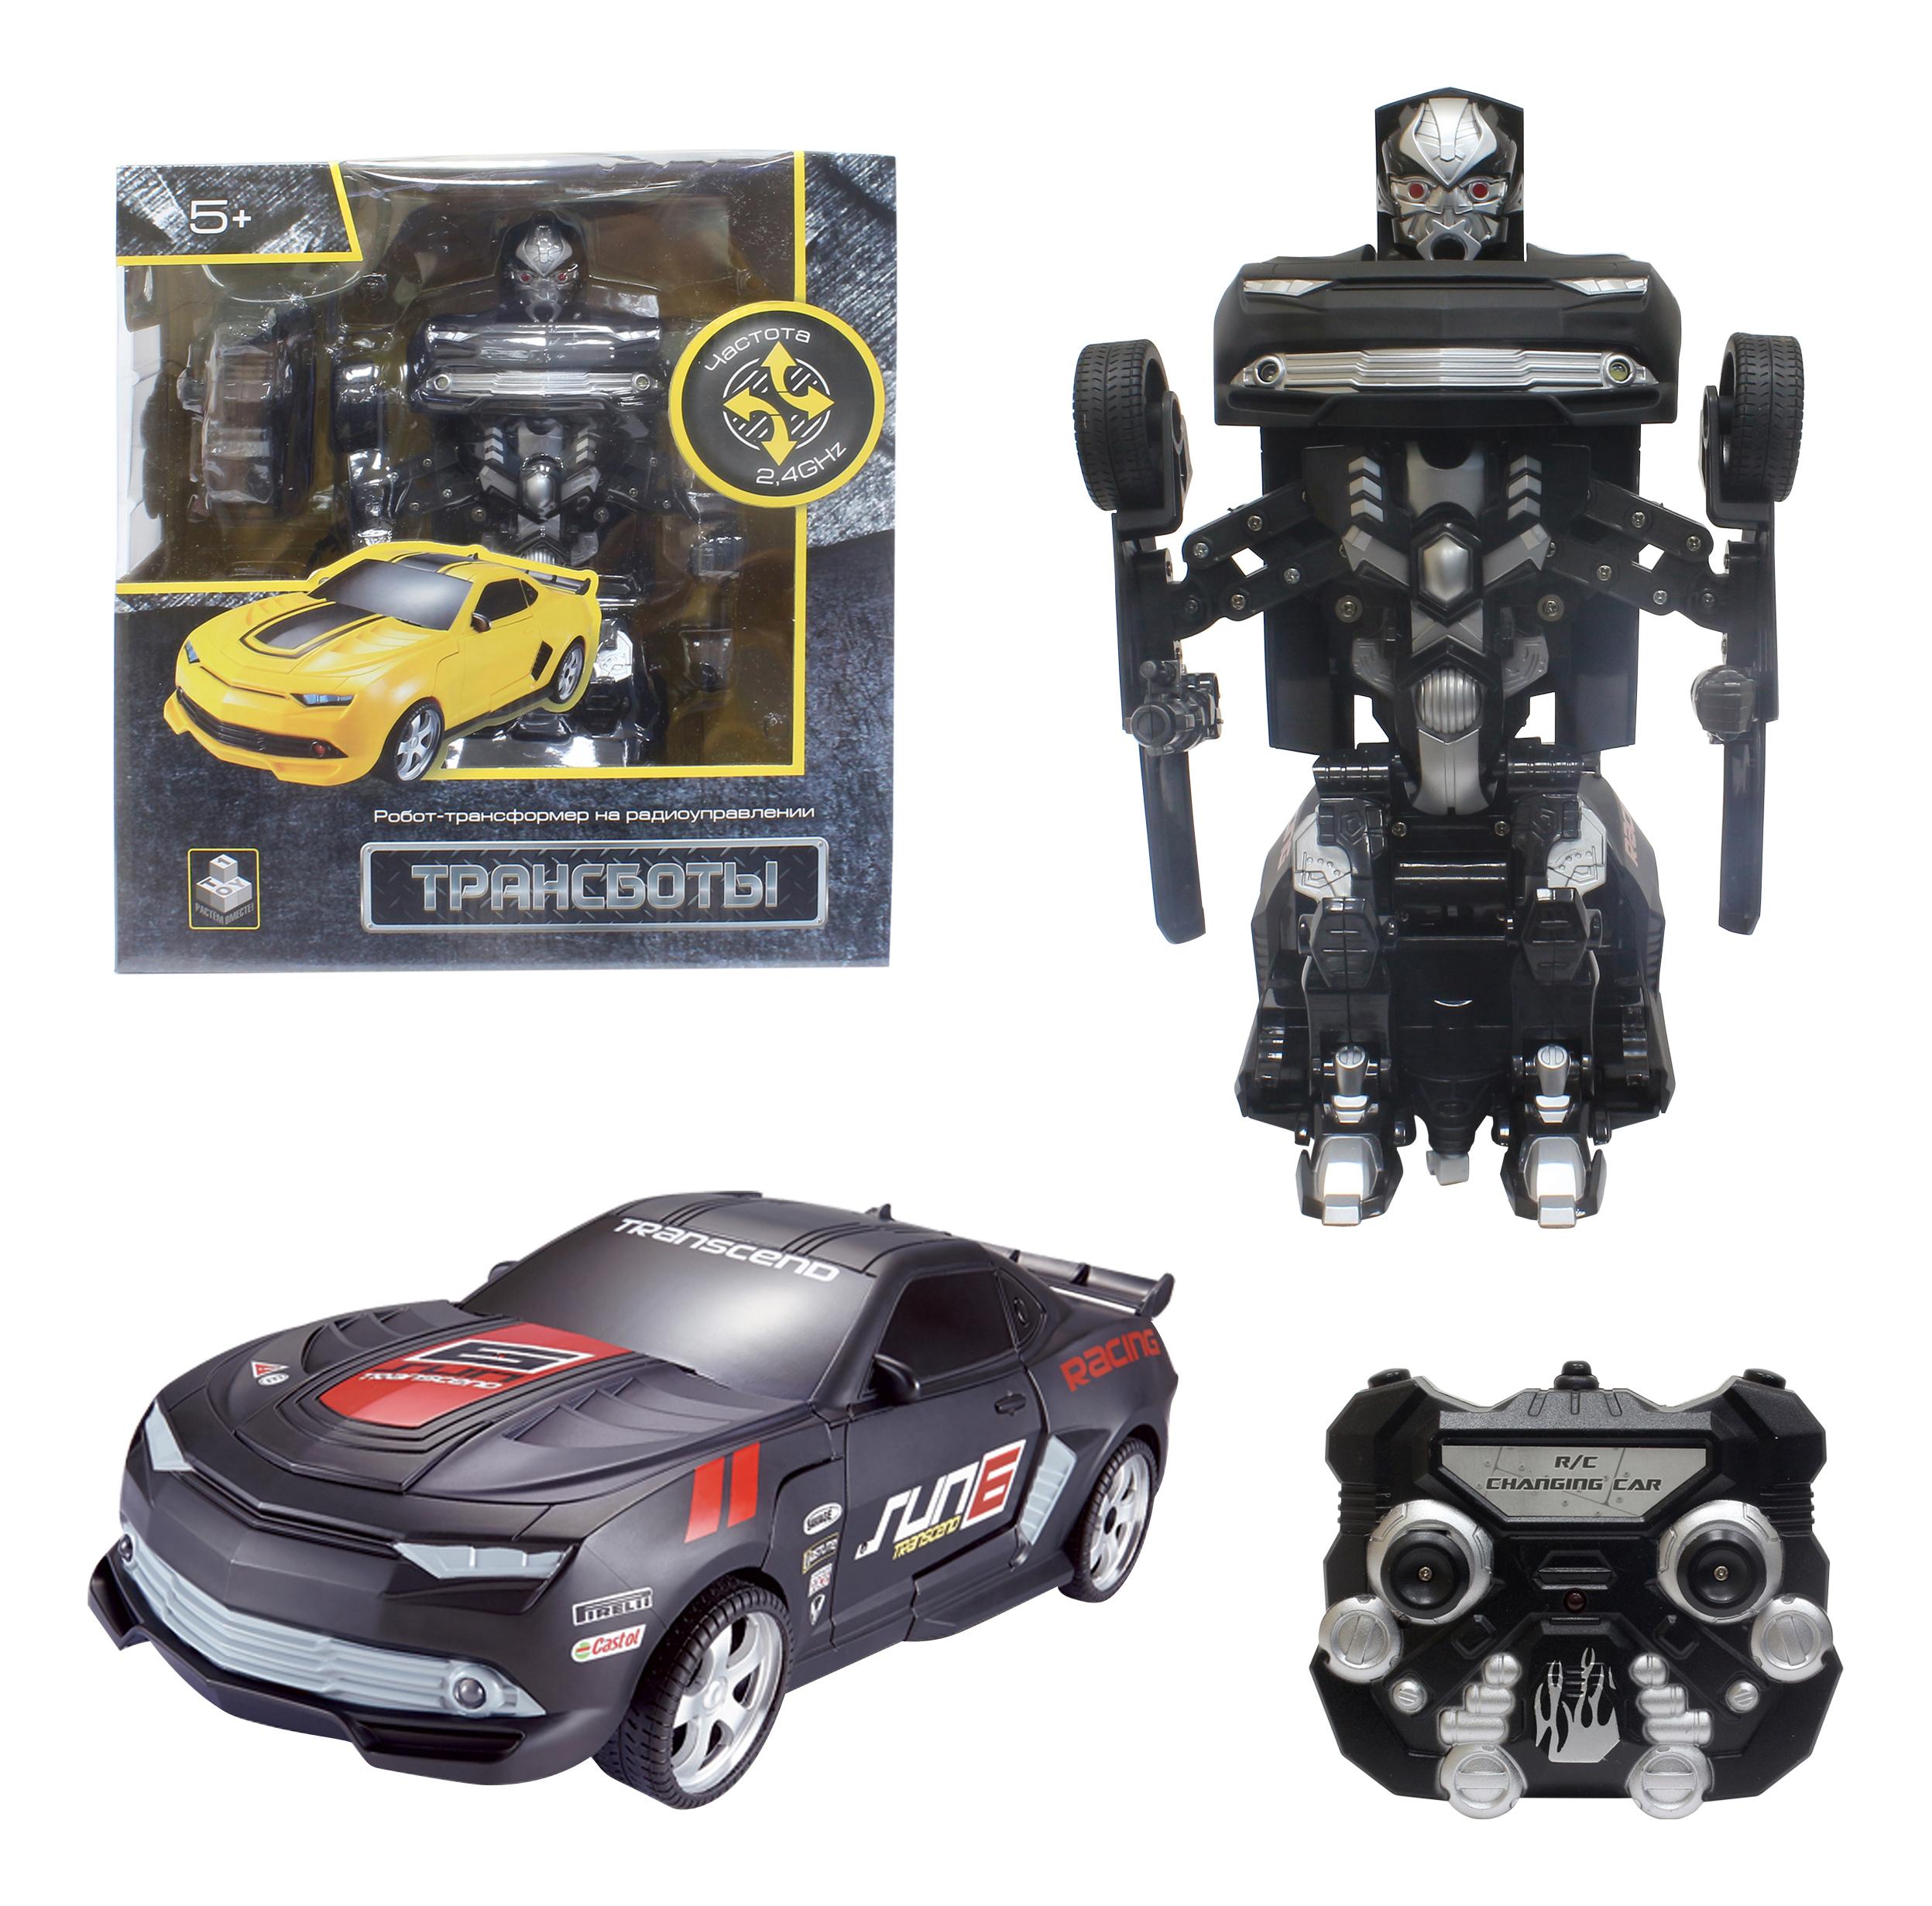 Купить Радиоуправляемый робот 1TOY Трансбот маслкар черный, 1 TOY, Радиоуправляемые роботы